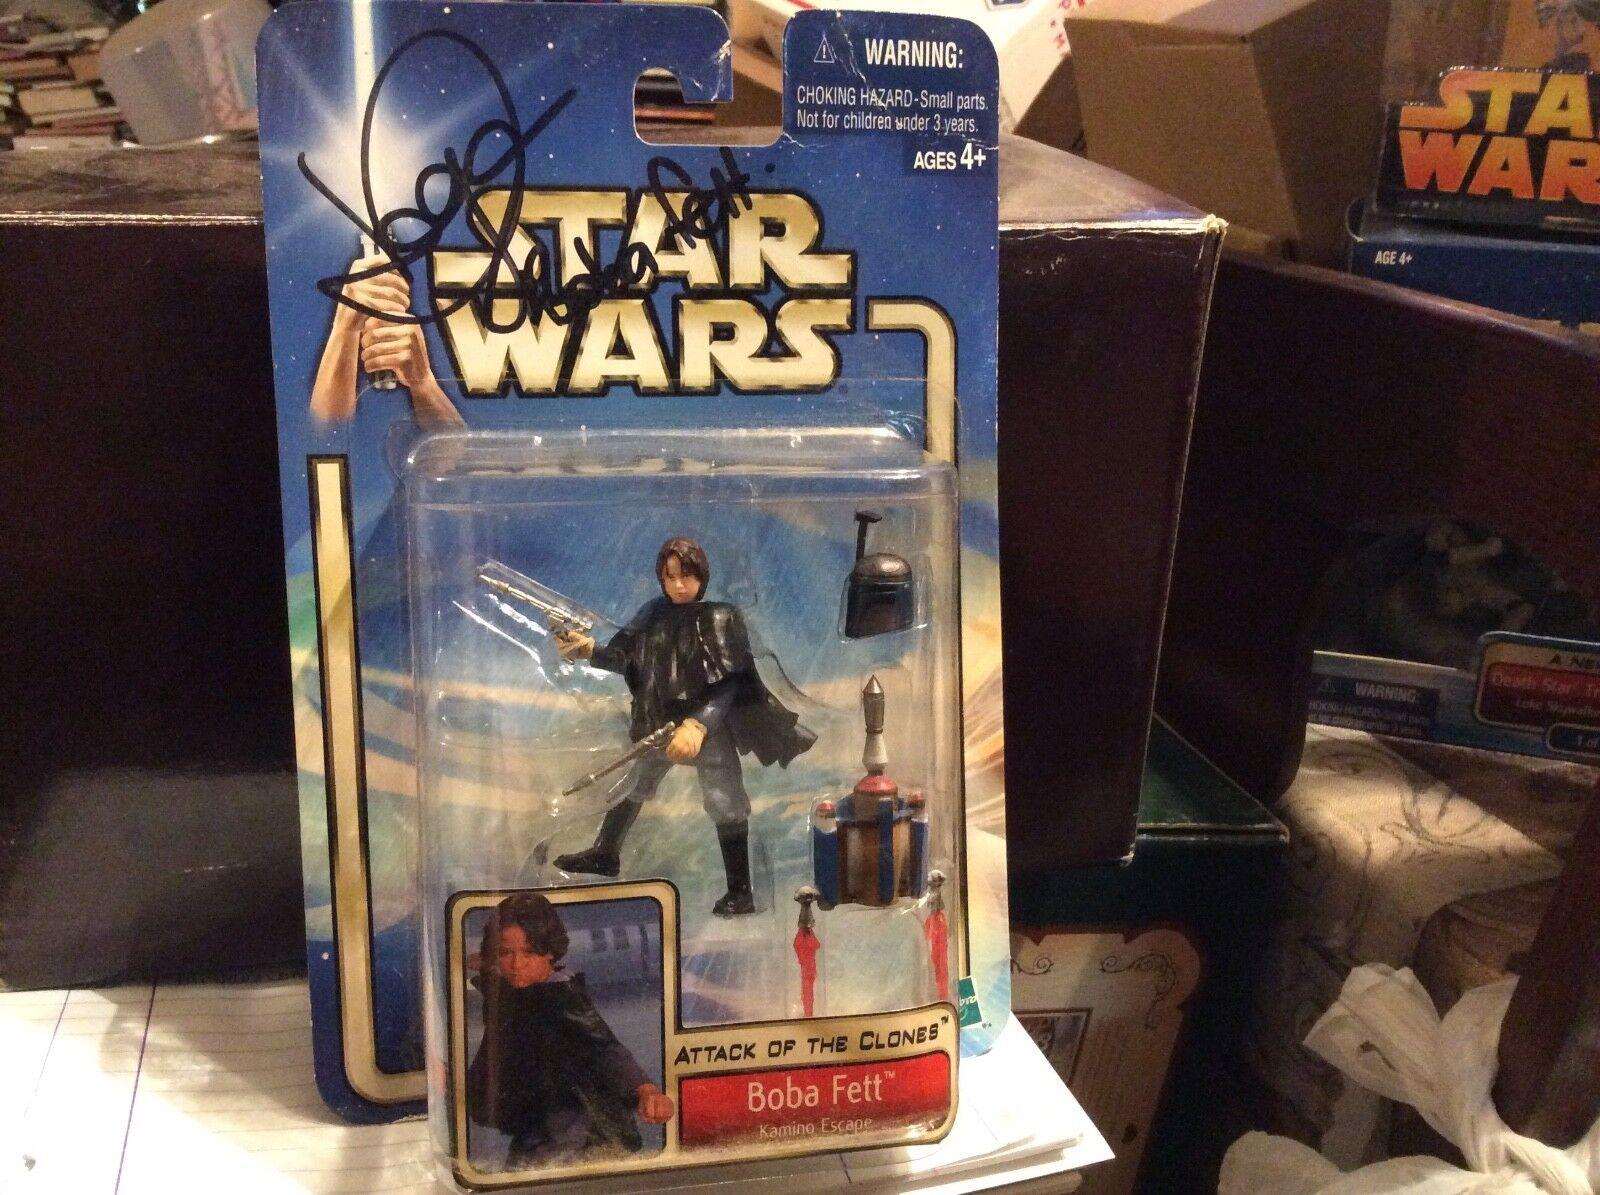 Estrella Wars Ataque De Los Clones Boba Fett Figura De Acción autógrafo por Daniel Logan